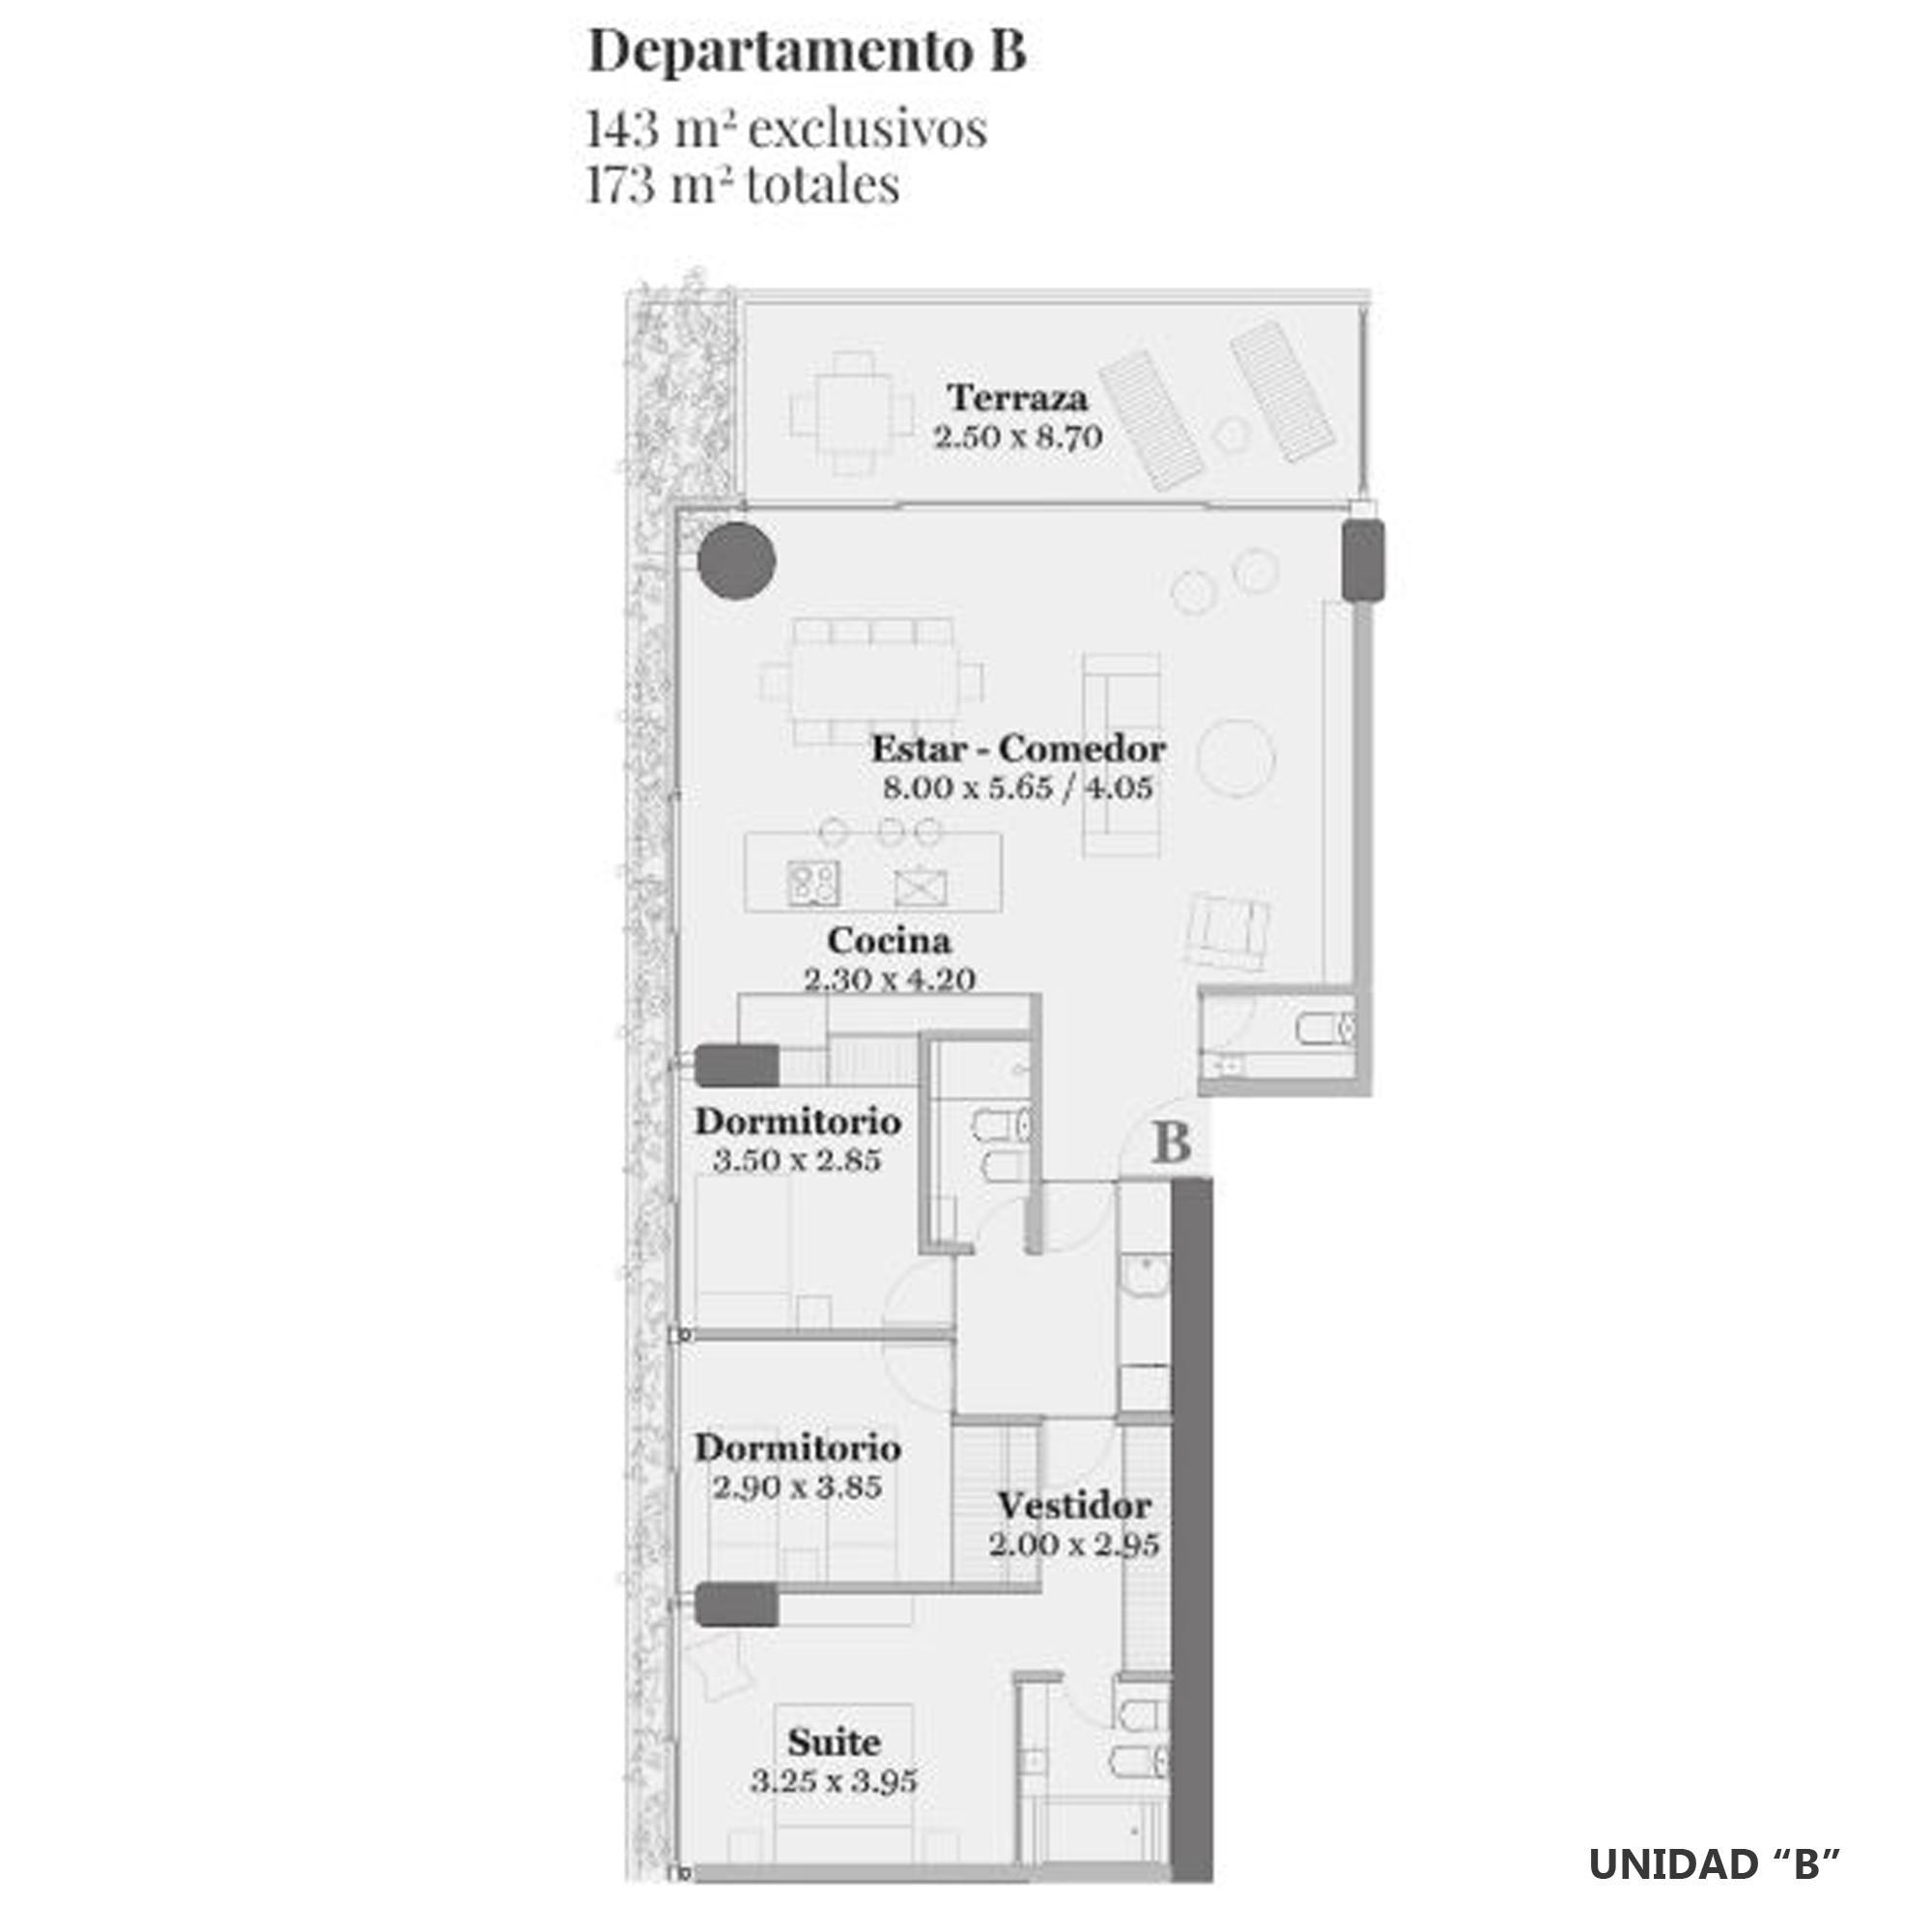 Venta departamento 3+ dormitorios Rosario, Pichincha. Cod CBU10856 AP1061199. Crestale Propiedades